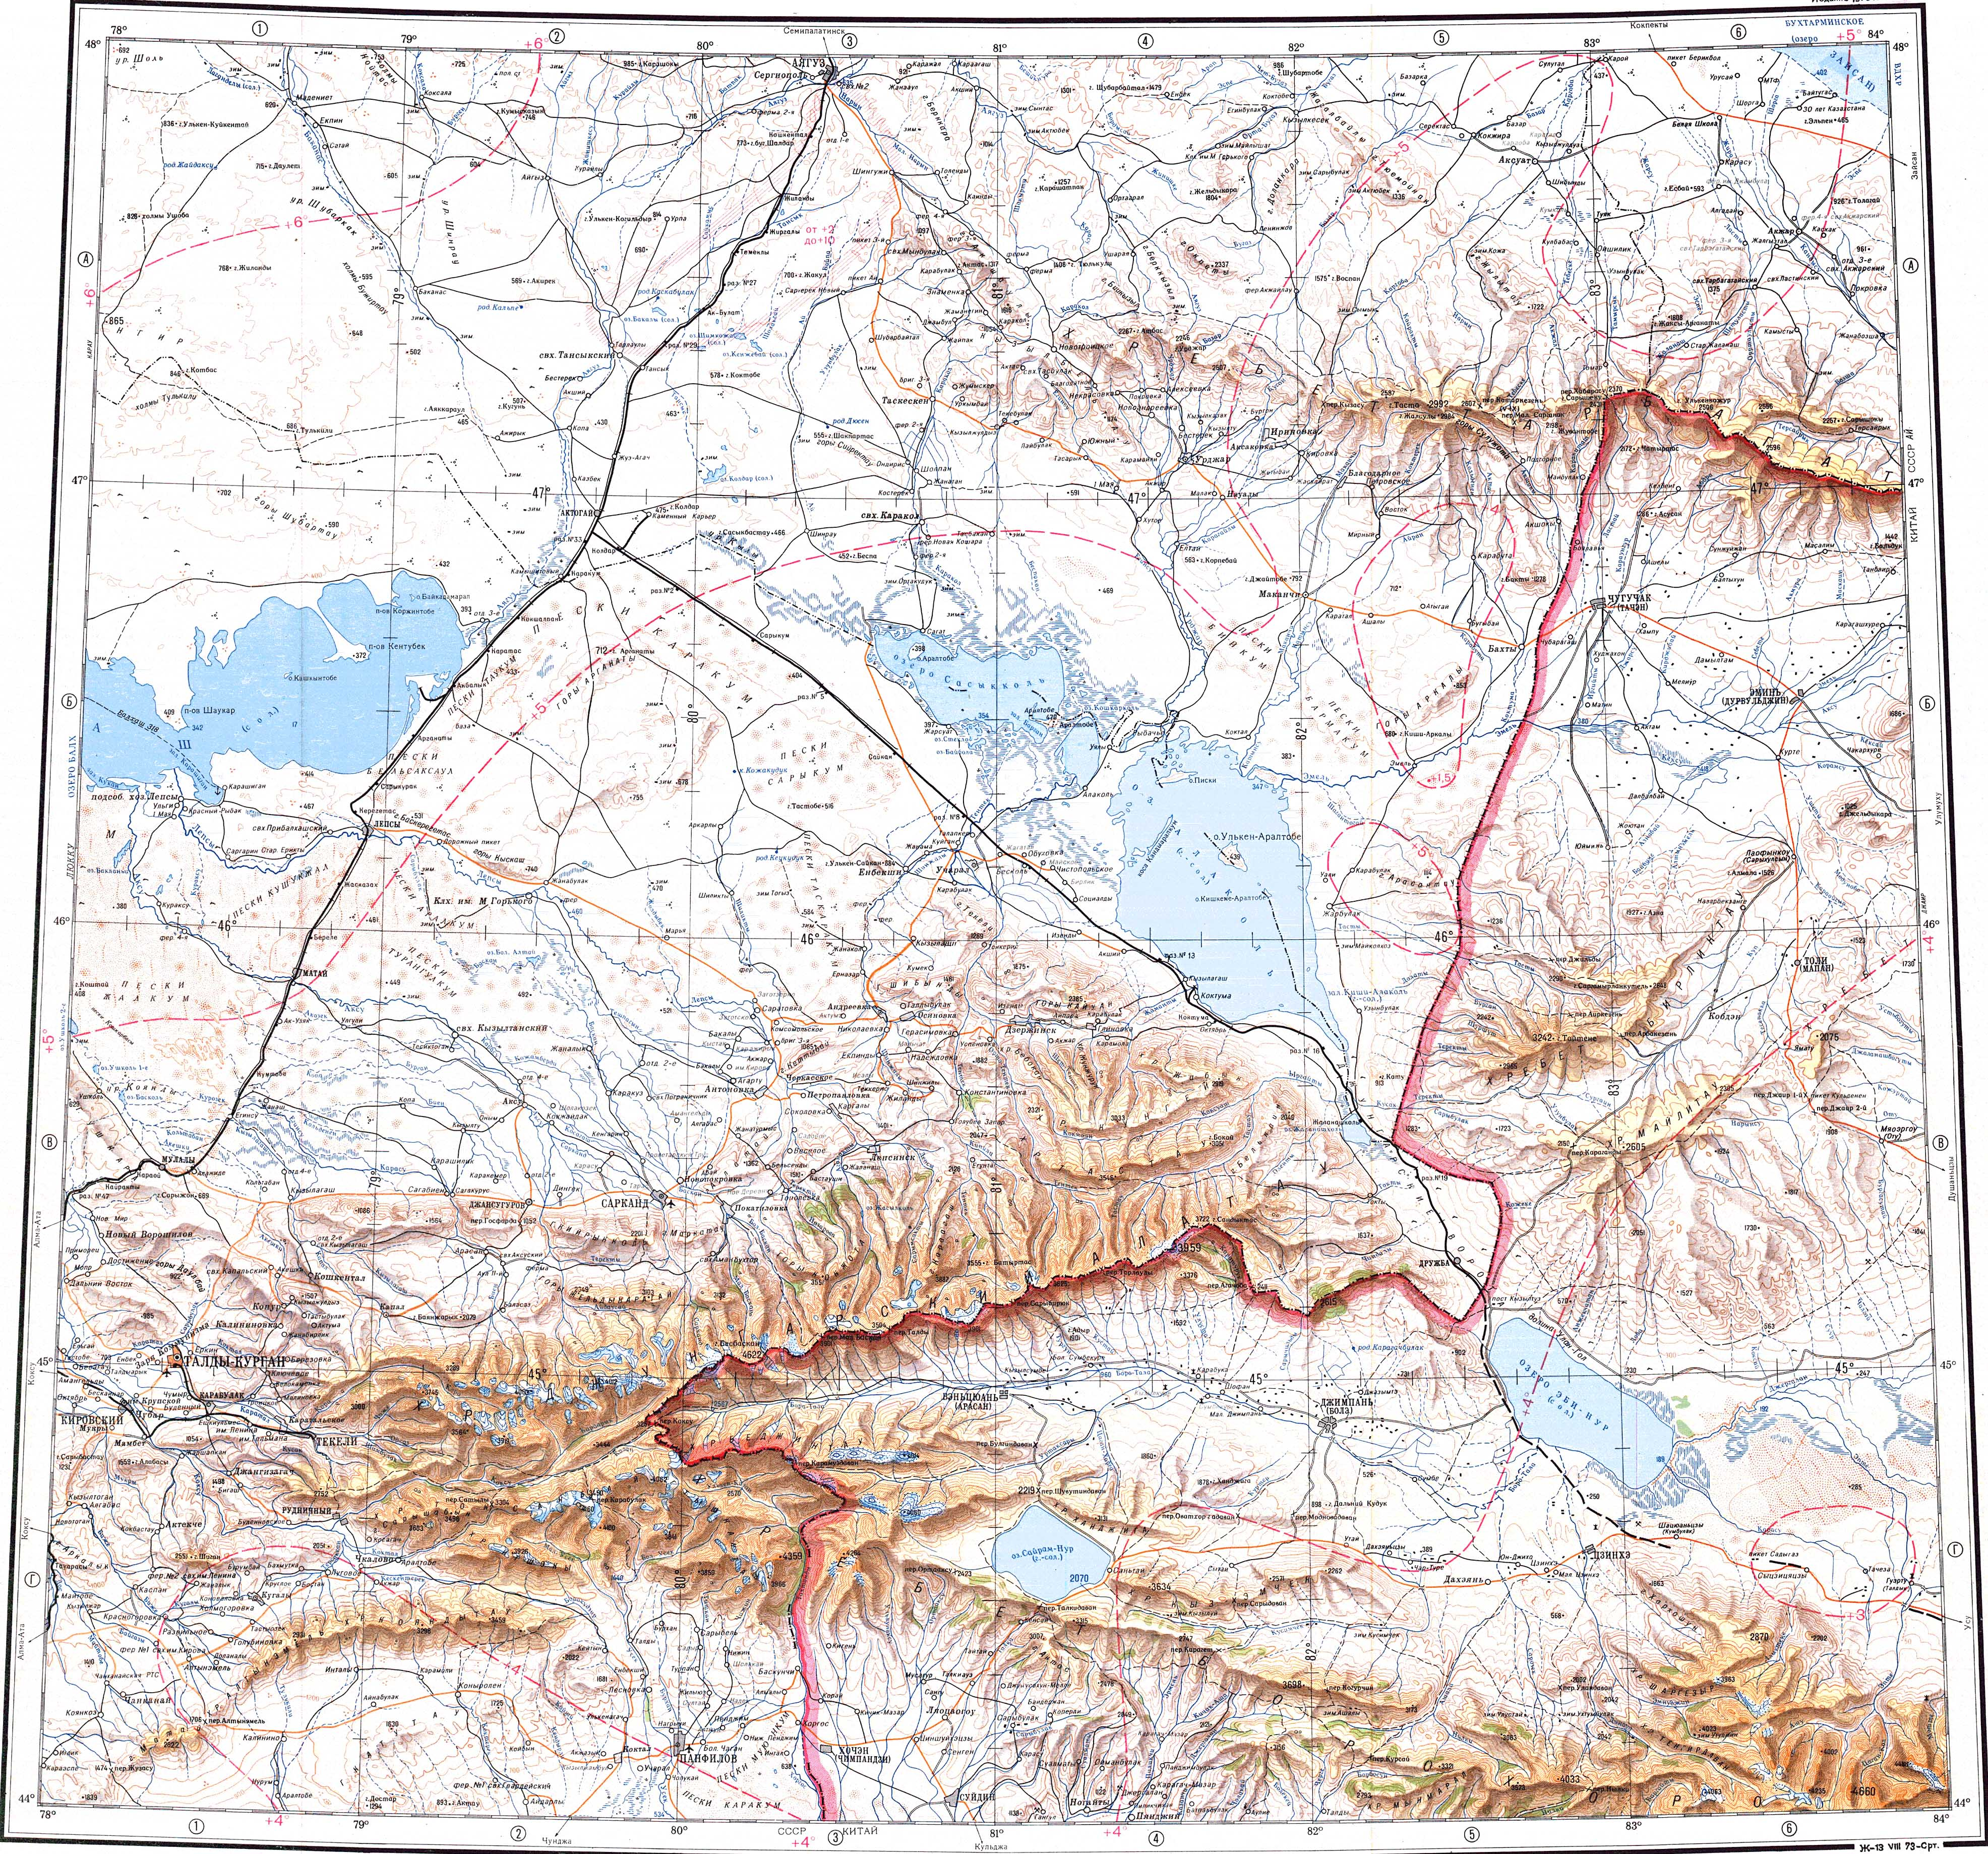 TÉLÉCHARGER MAP DE TRAIN32 GRATUIT